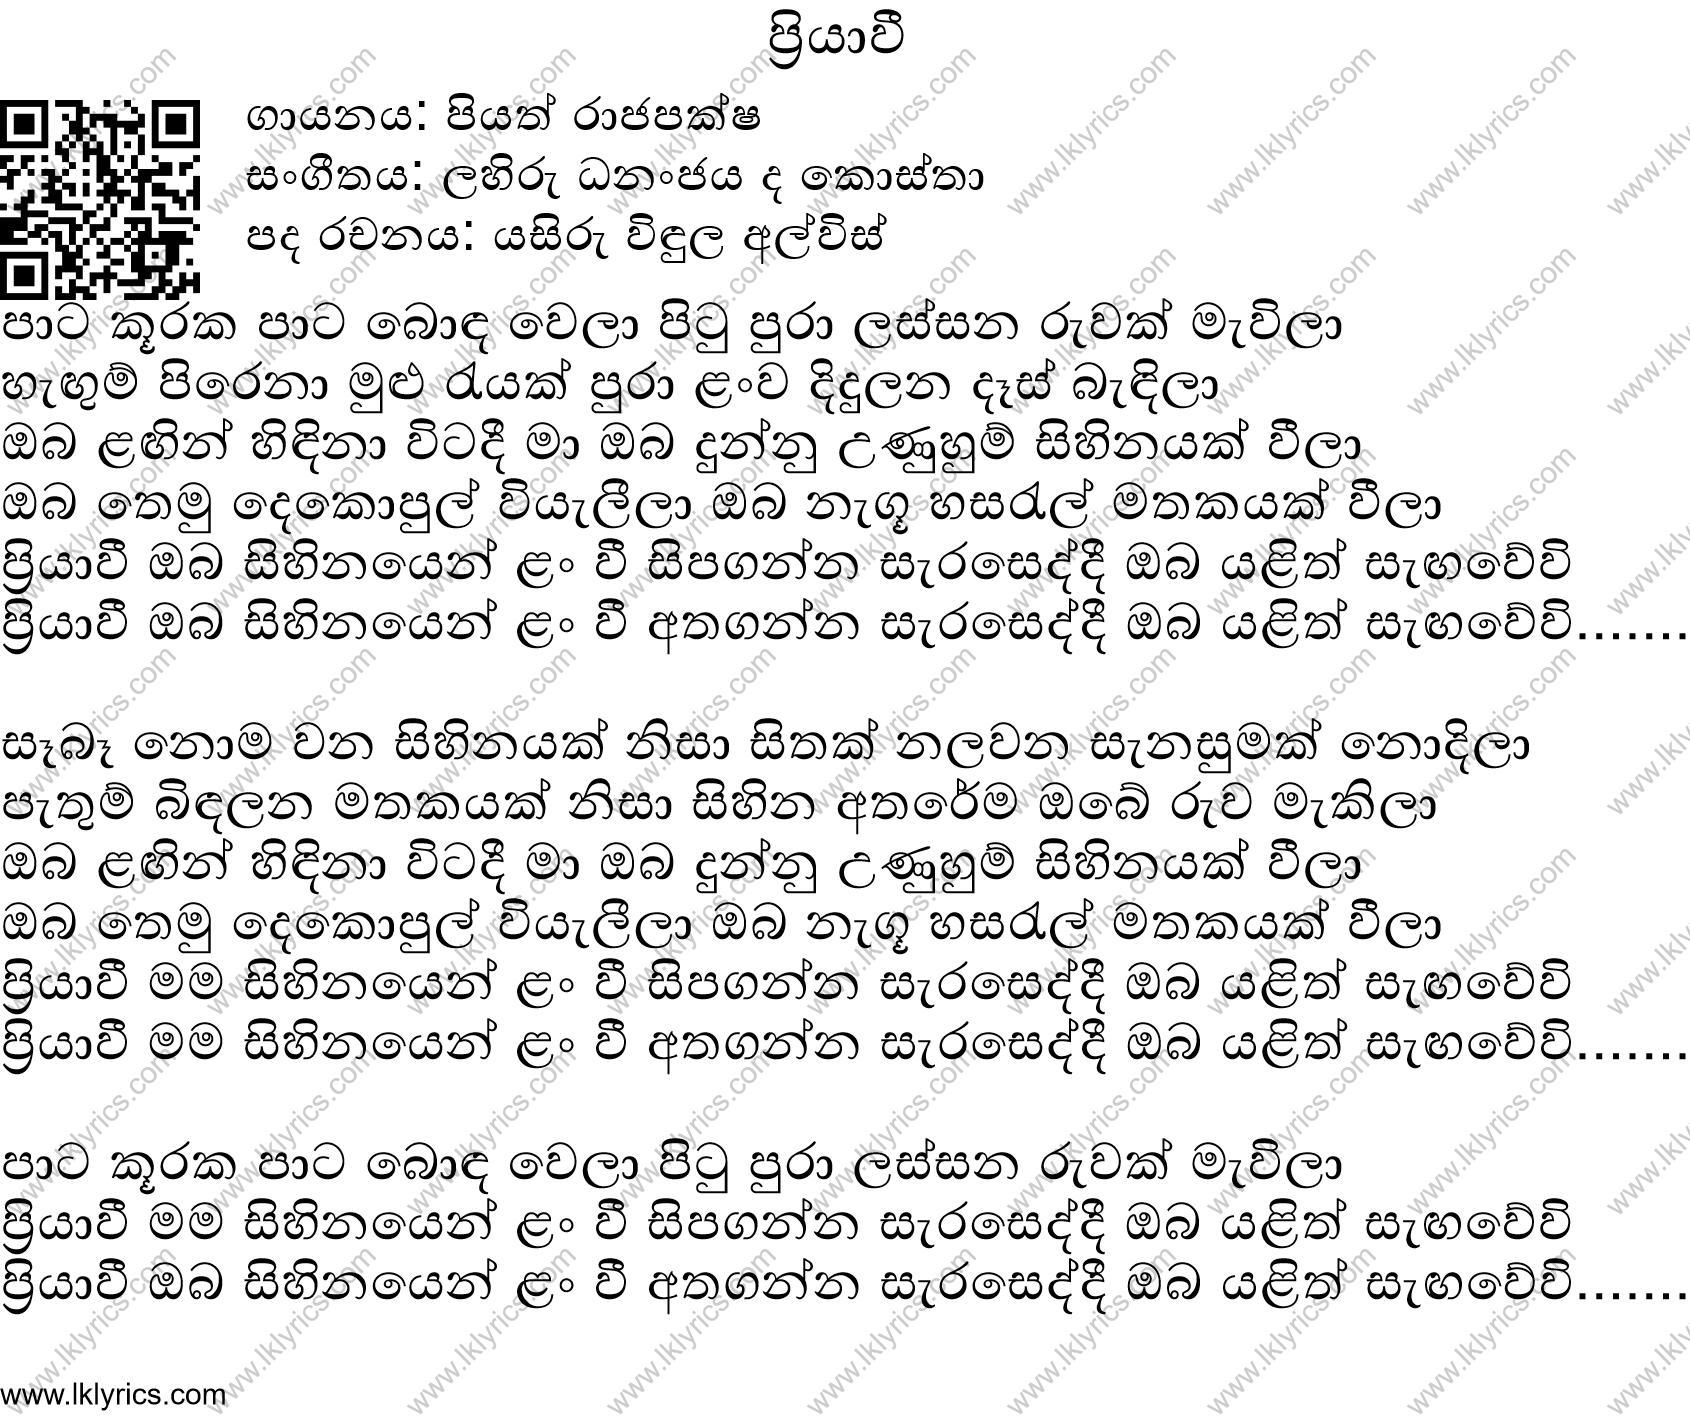 Shakiyaan Song Download Lyrics Mp3: Priyawee Lyrics